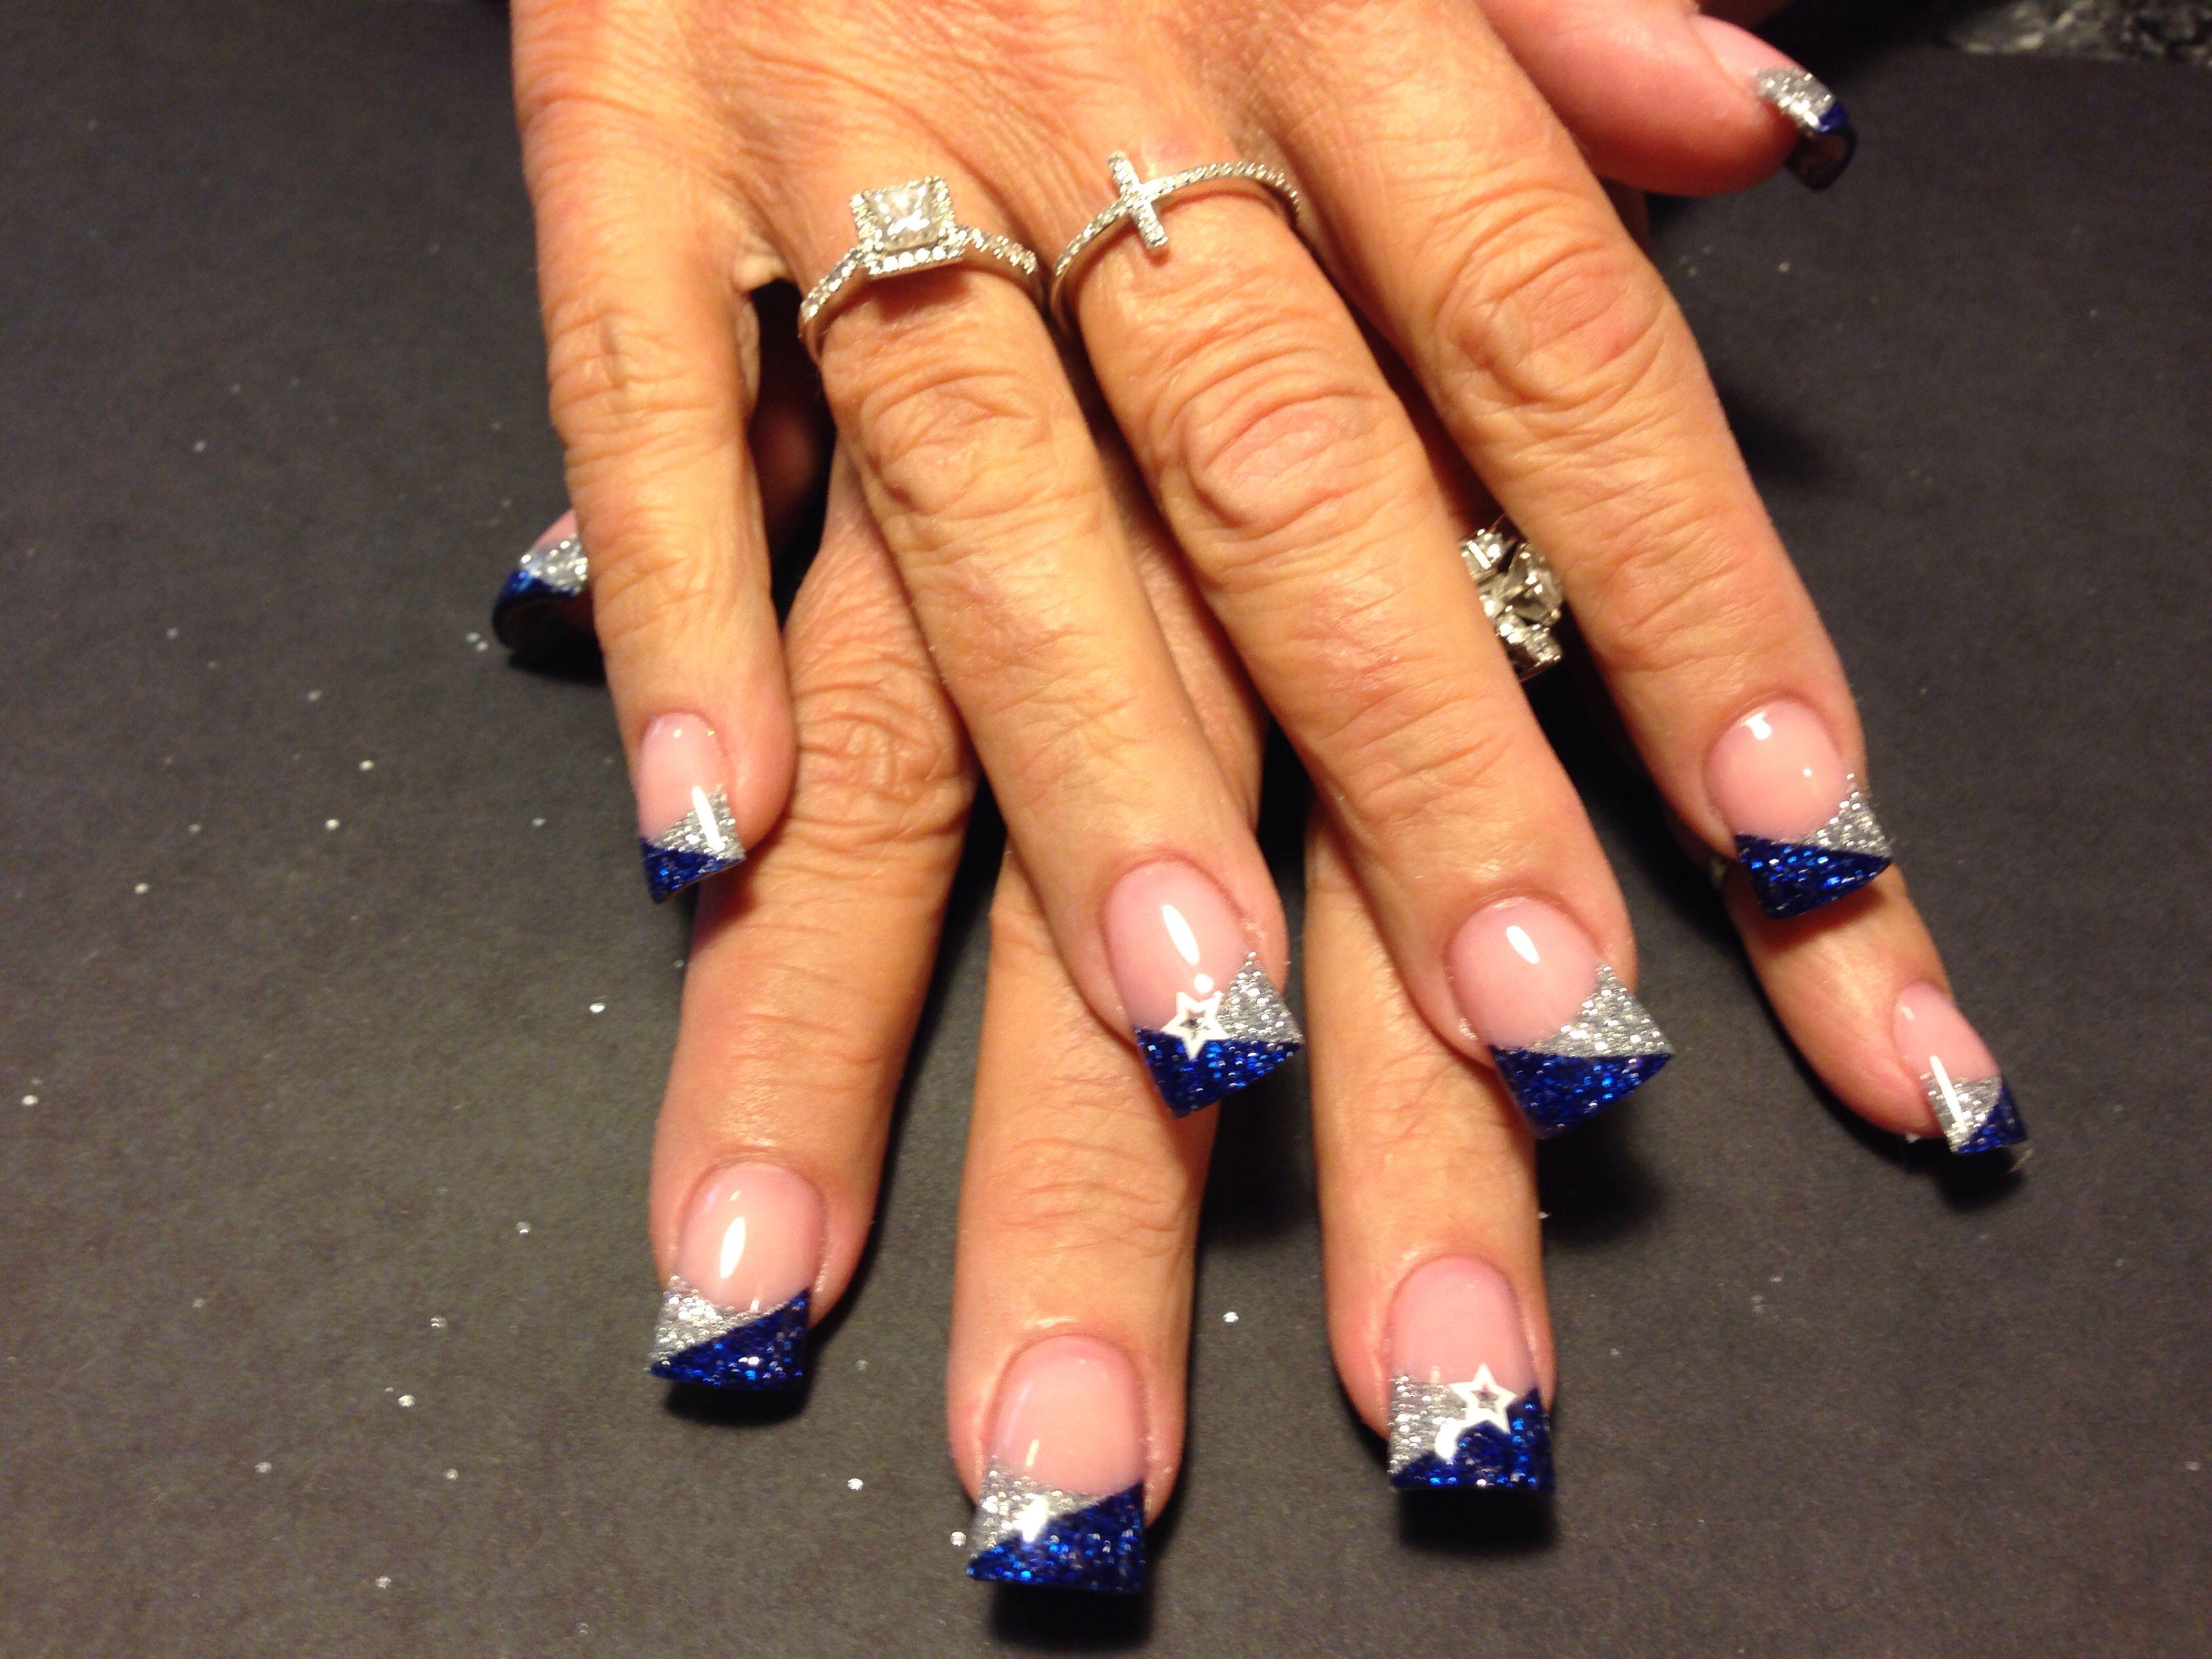 Glitter Cowboys nails | Nails | Pinterest | Cowboy nails, Cowboys ...